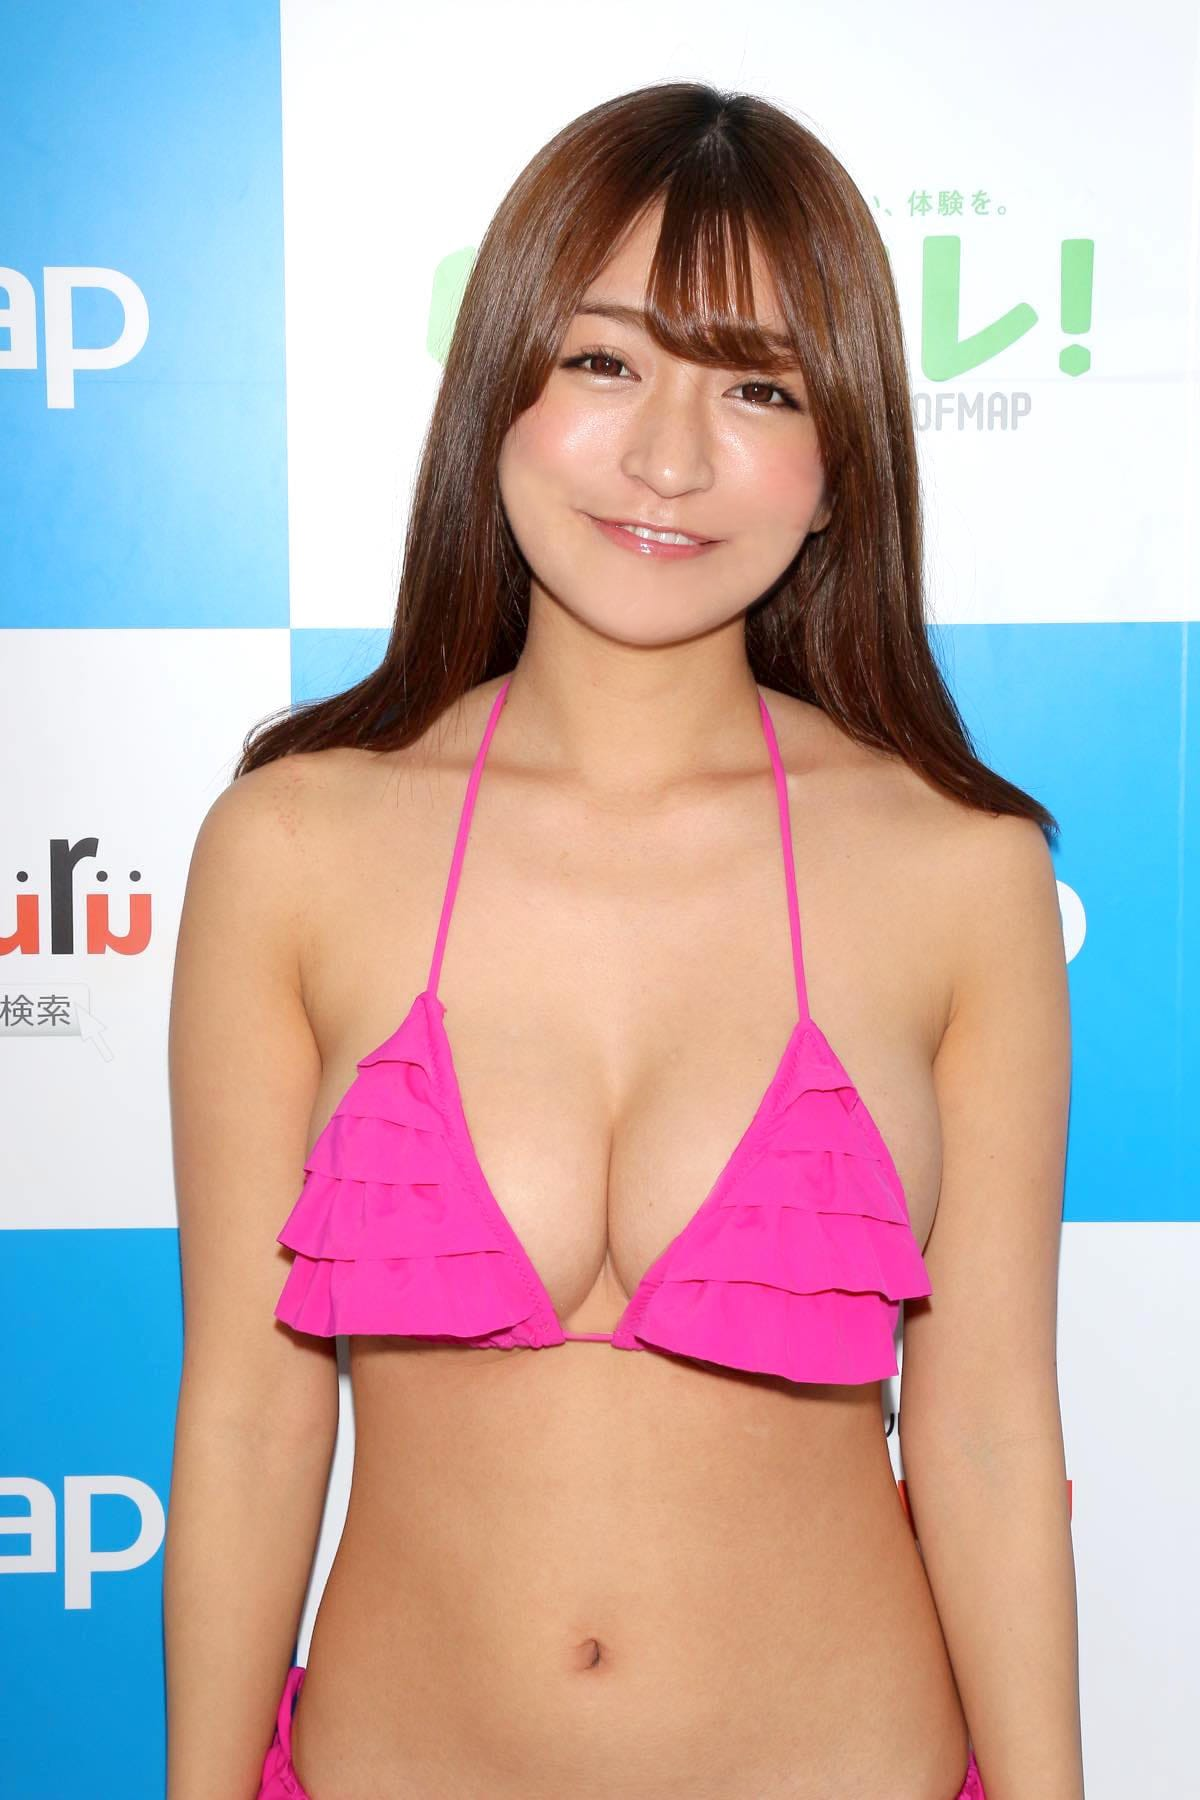 ☆HOSHINO「シャツがどんどん透けちゃう」エプロンはほぼ裸!【写真35枚】の画像006